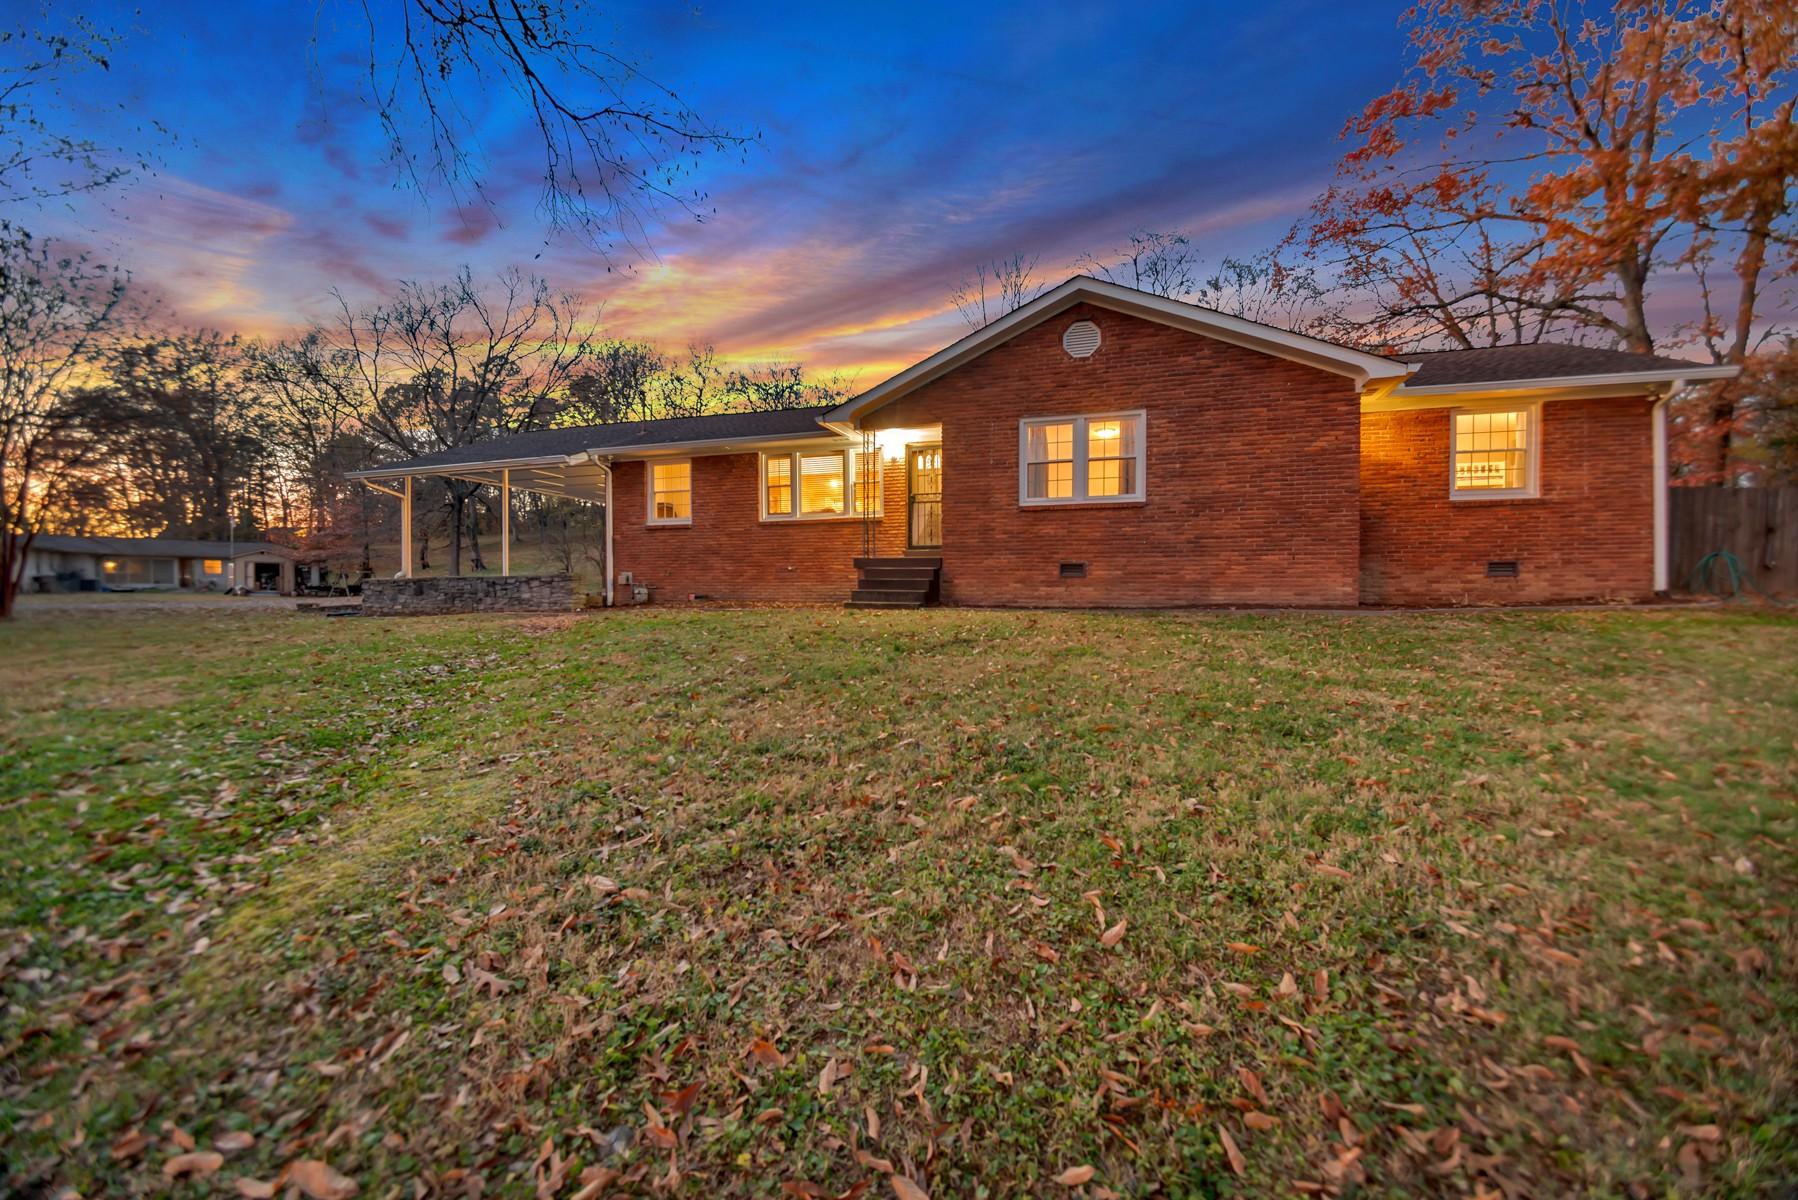 419 Hollydale Dr Property Photo - Nashville, TN real estate listing